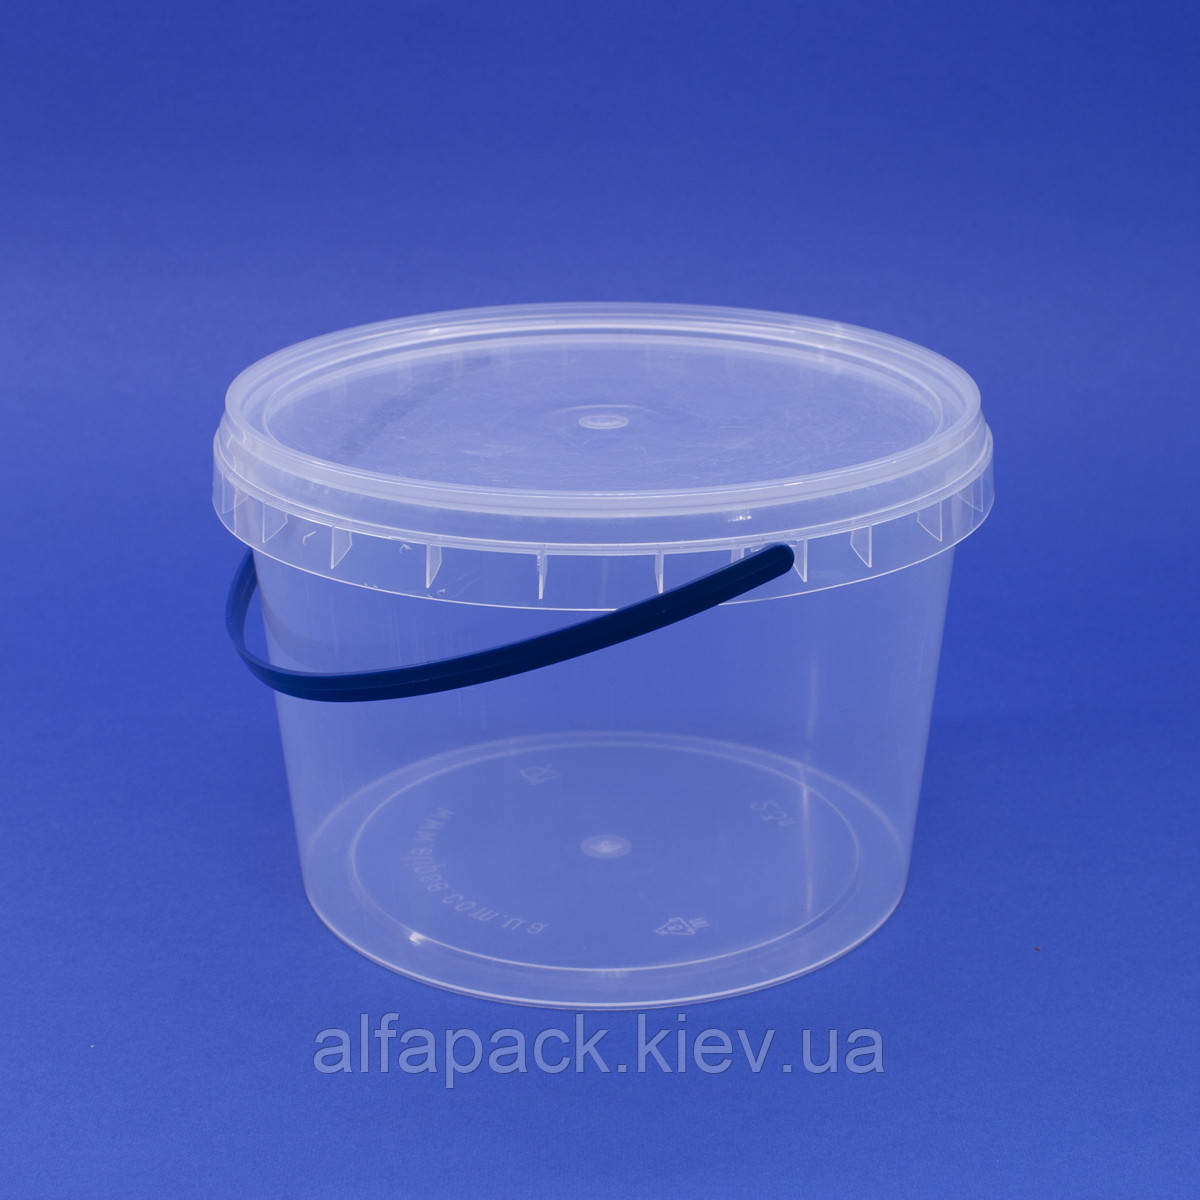 Ведро пластиковое 2,3 л